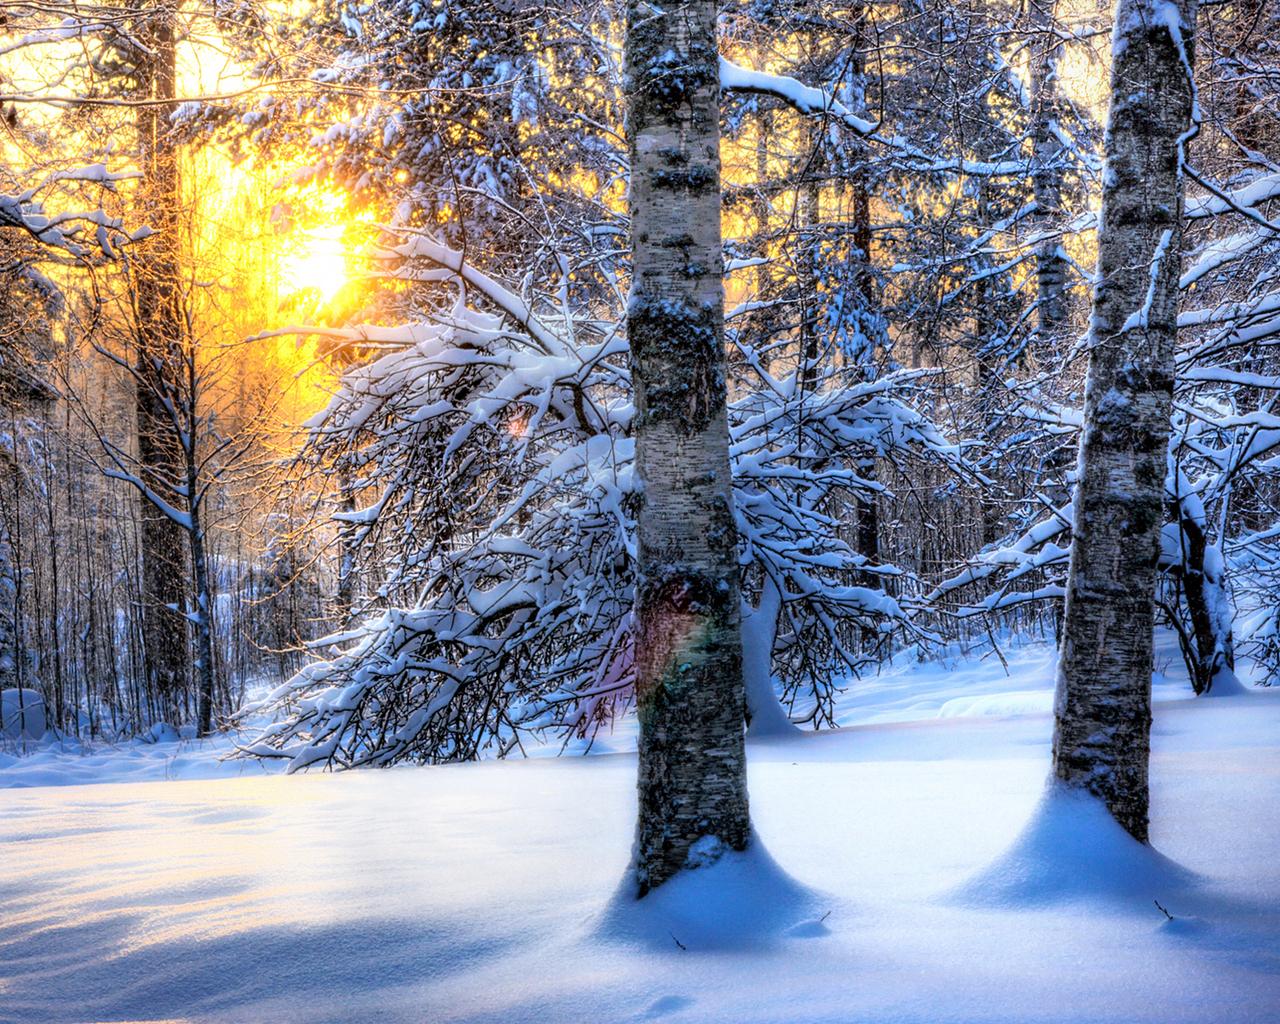 13509 скачать обои Пейзаж, Зима, Деревья, Солнце, Снег - заставки и картинки бесплатно